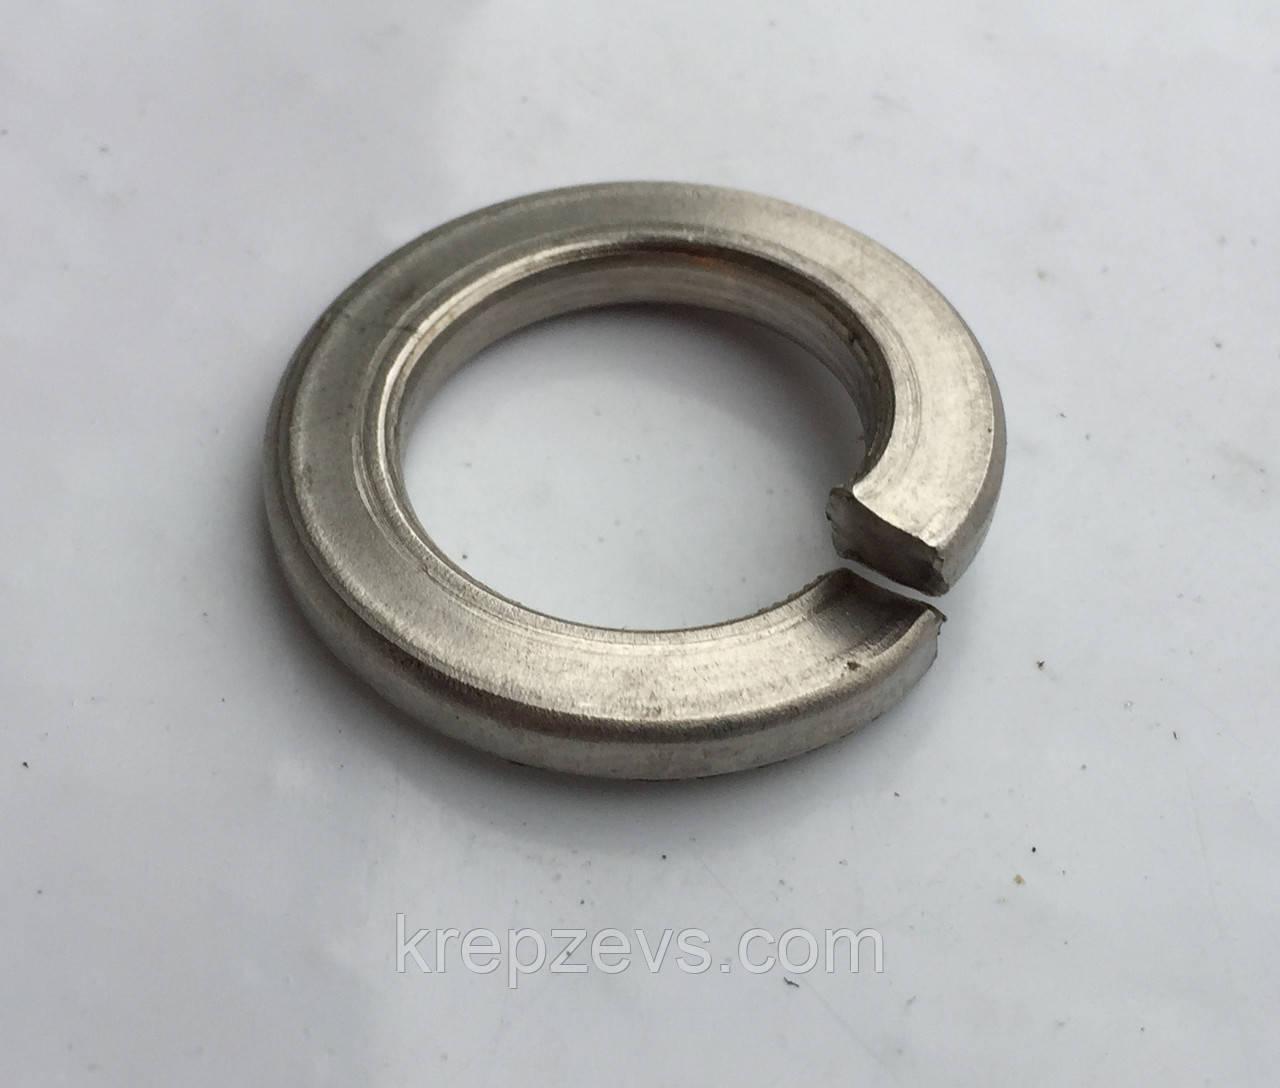 Шайба пружинная Ф14 ГОСТ 6402-70 из стали А4